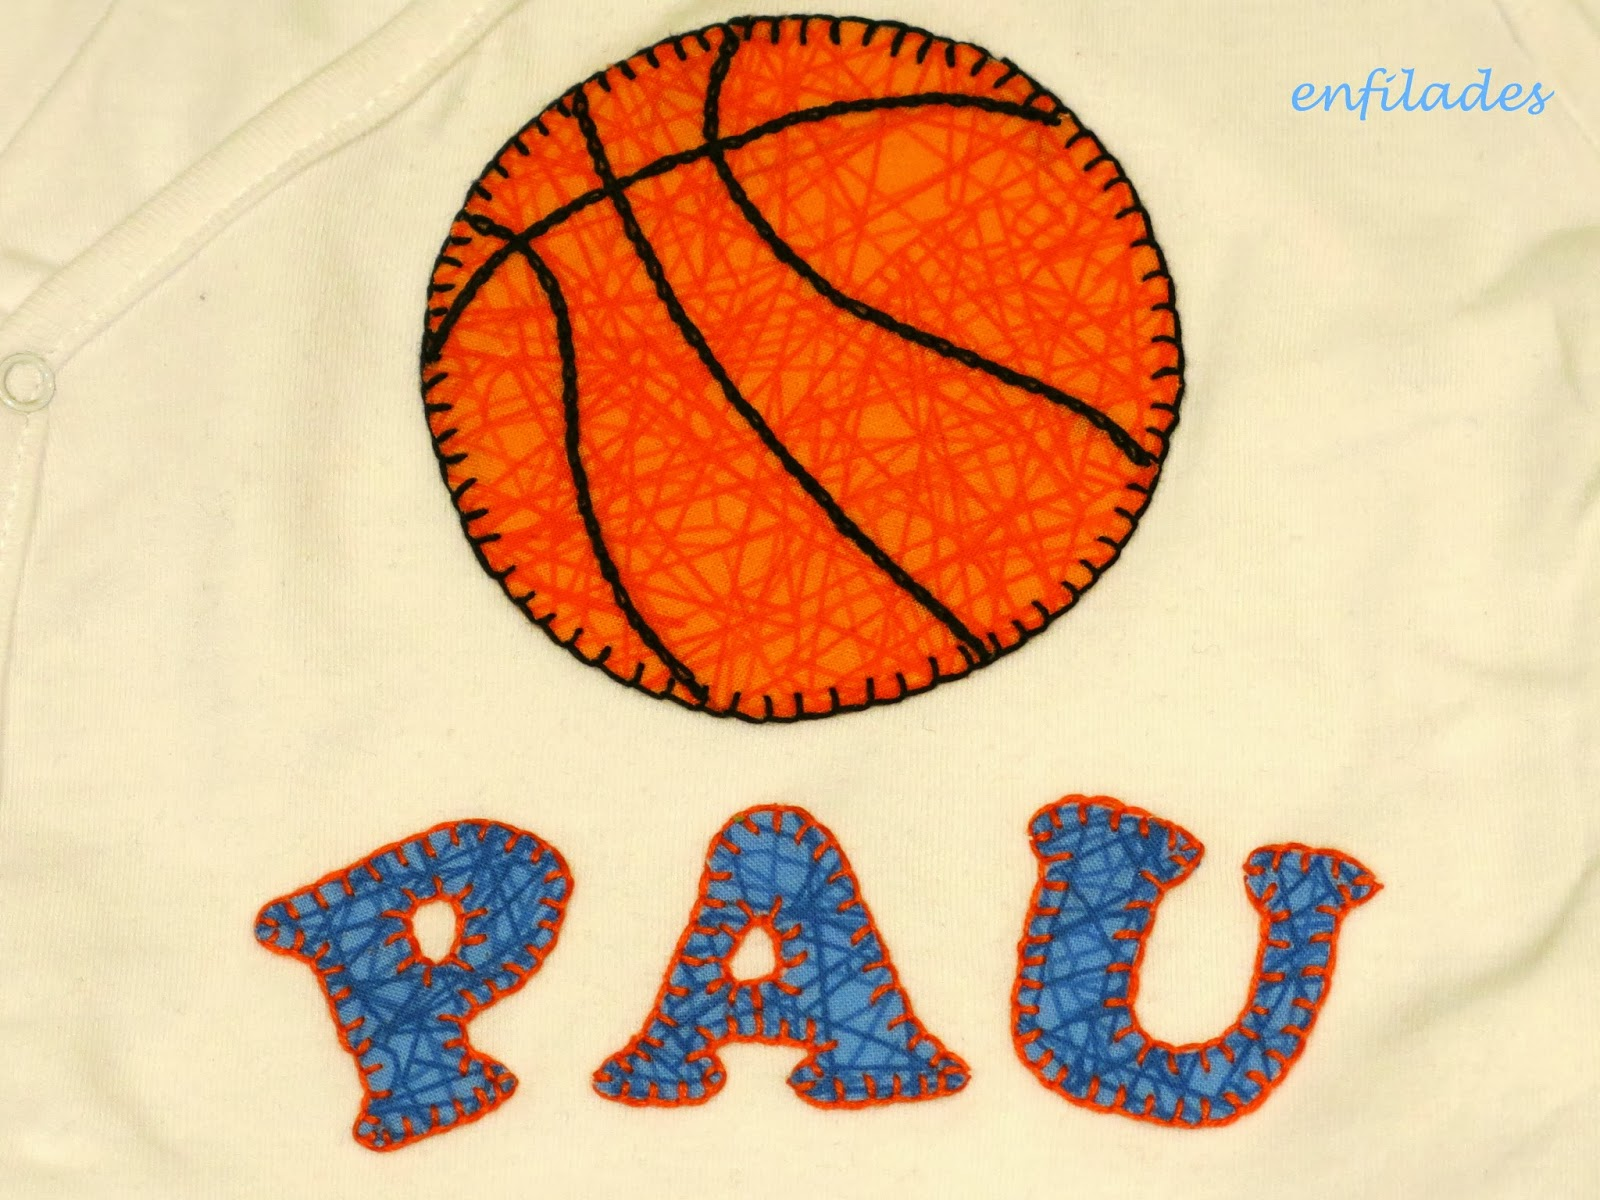 detall body personalitzat basquet - fet a mà a Enfilades.cat